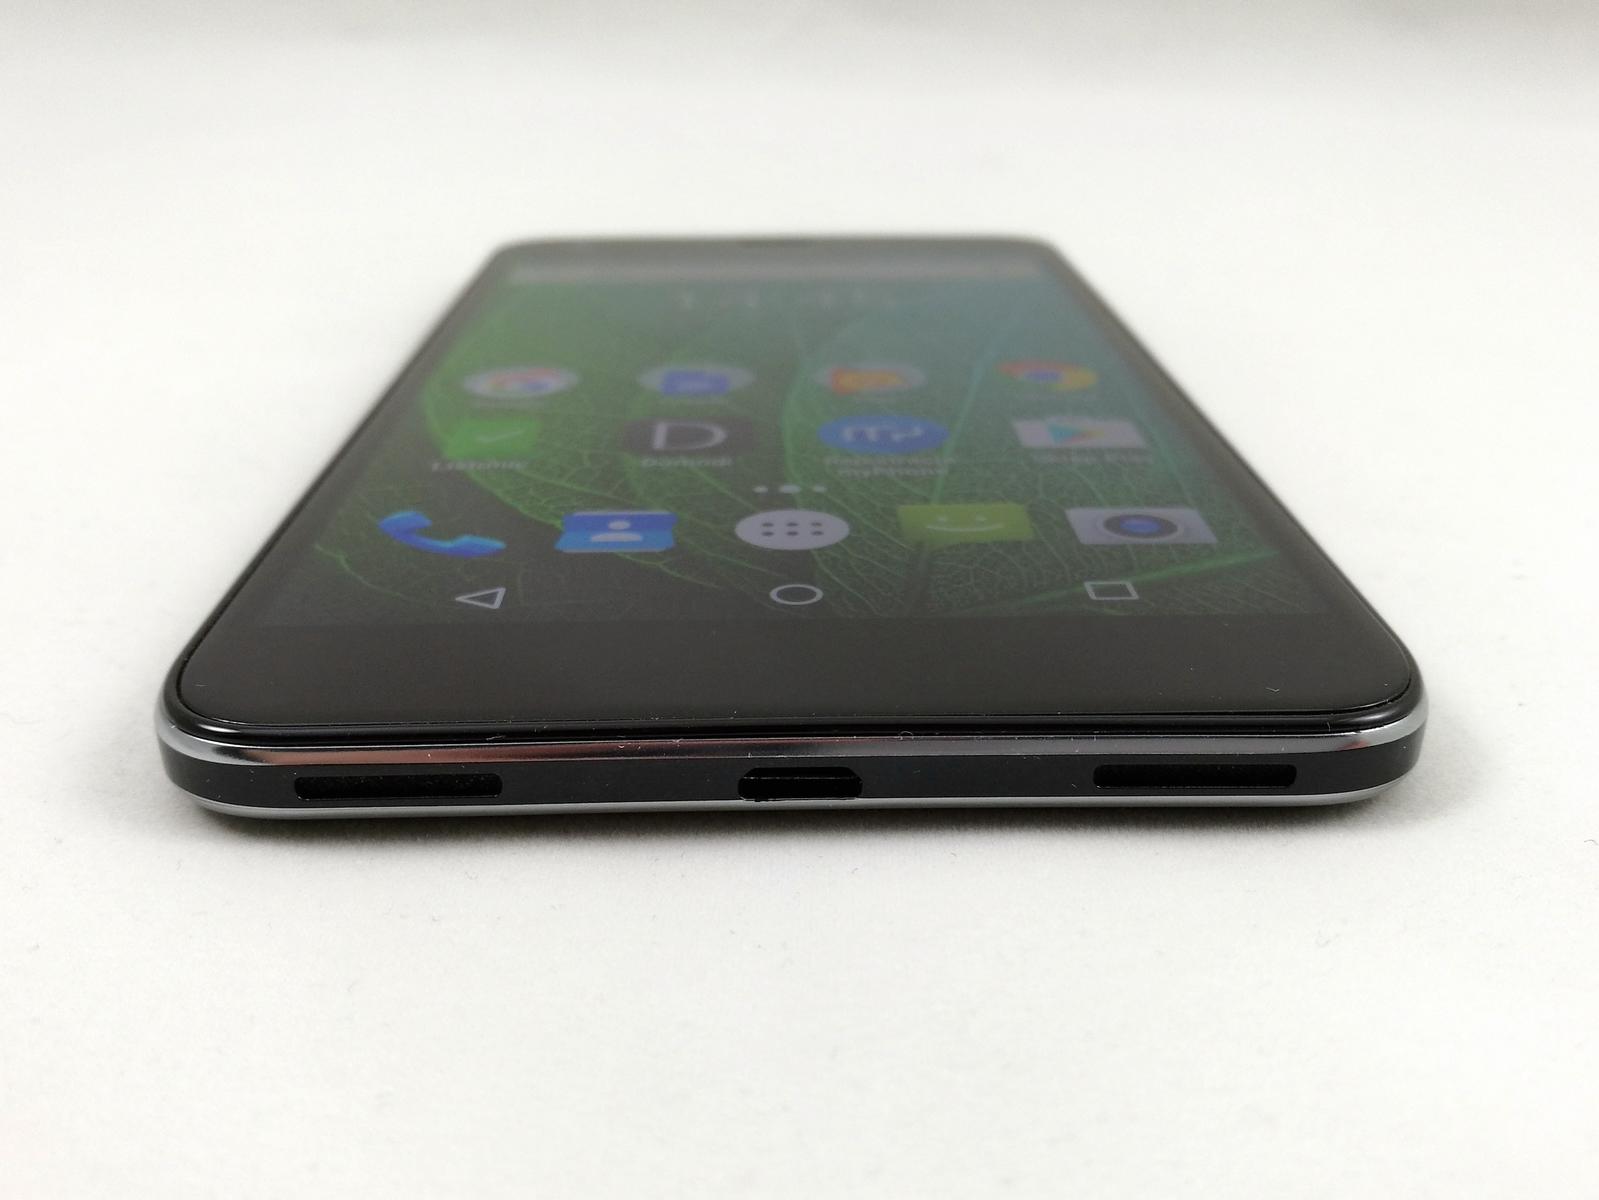 Wybitny Recenzja myPhone Luna II - jest lepiej od poprzednika, ale... IK39